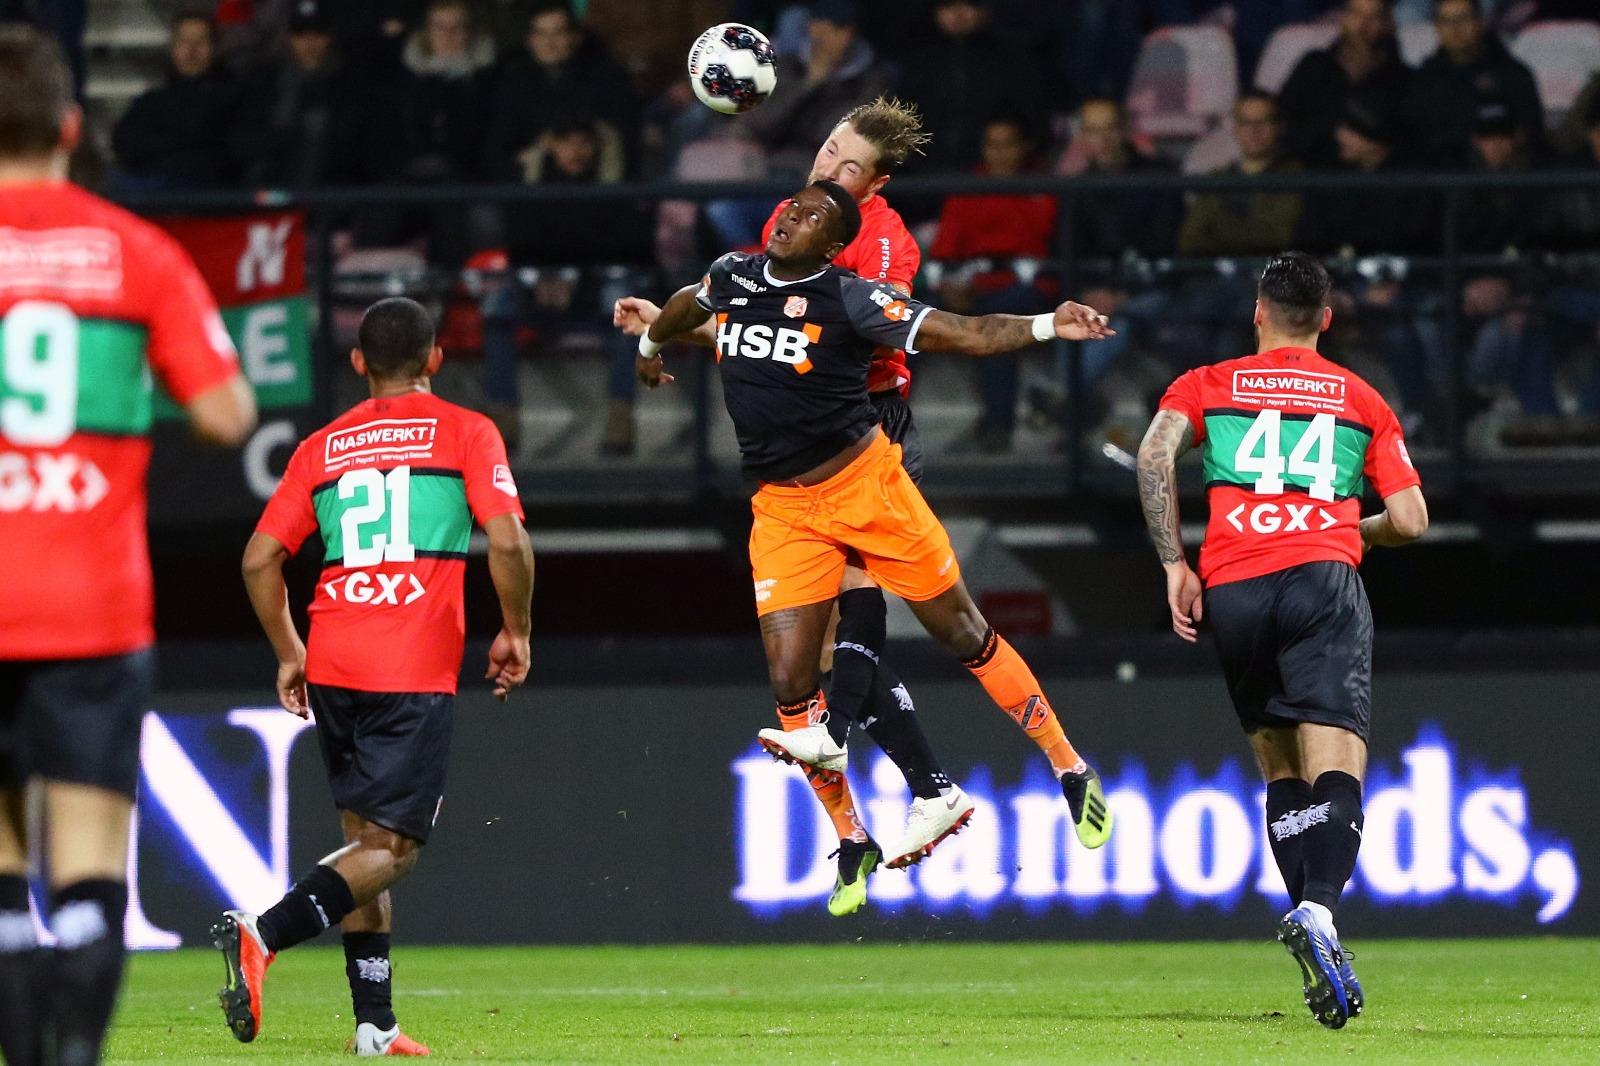 Voorbeschouwing: NEC kan gat met FC Volendam vergroten